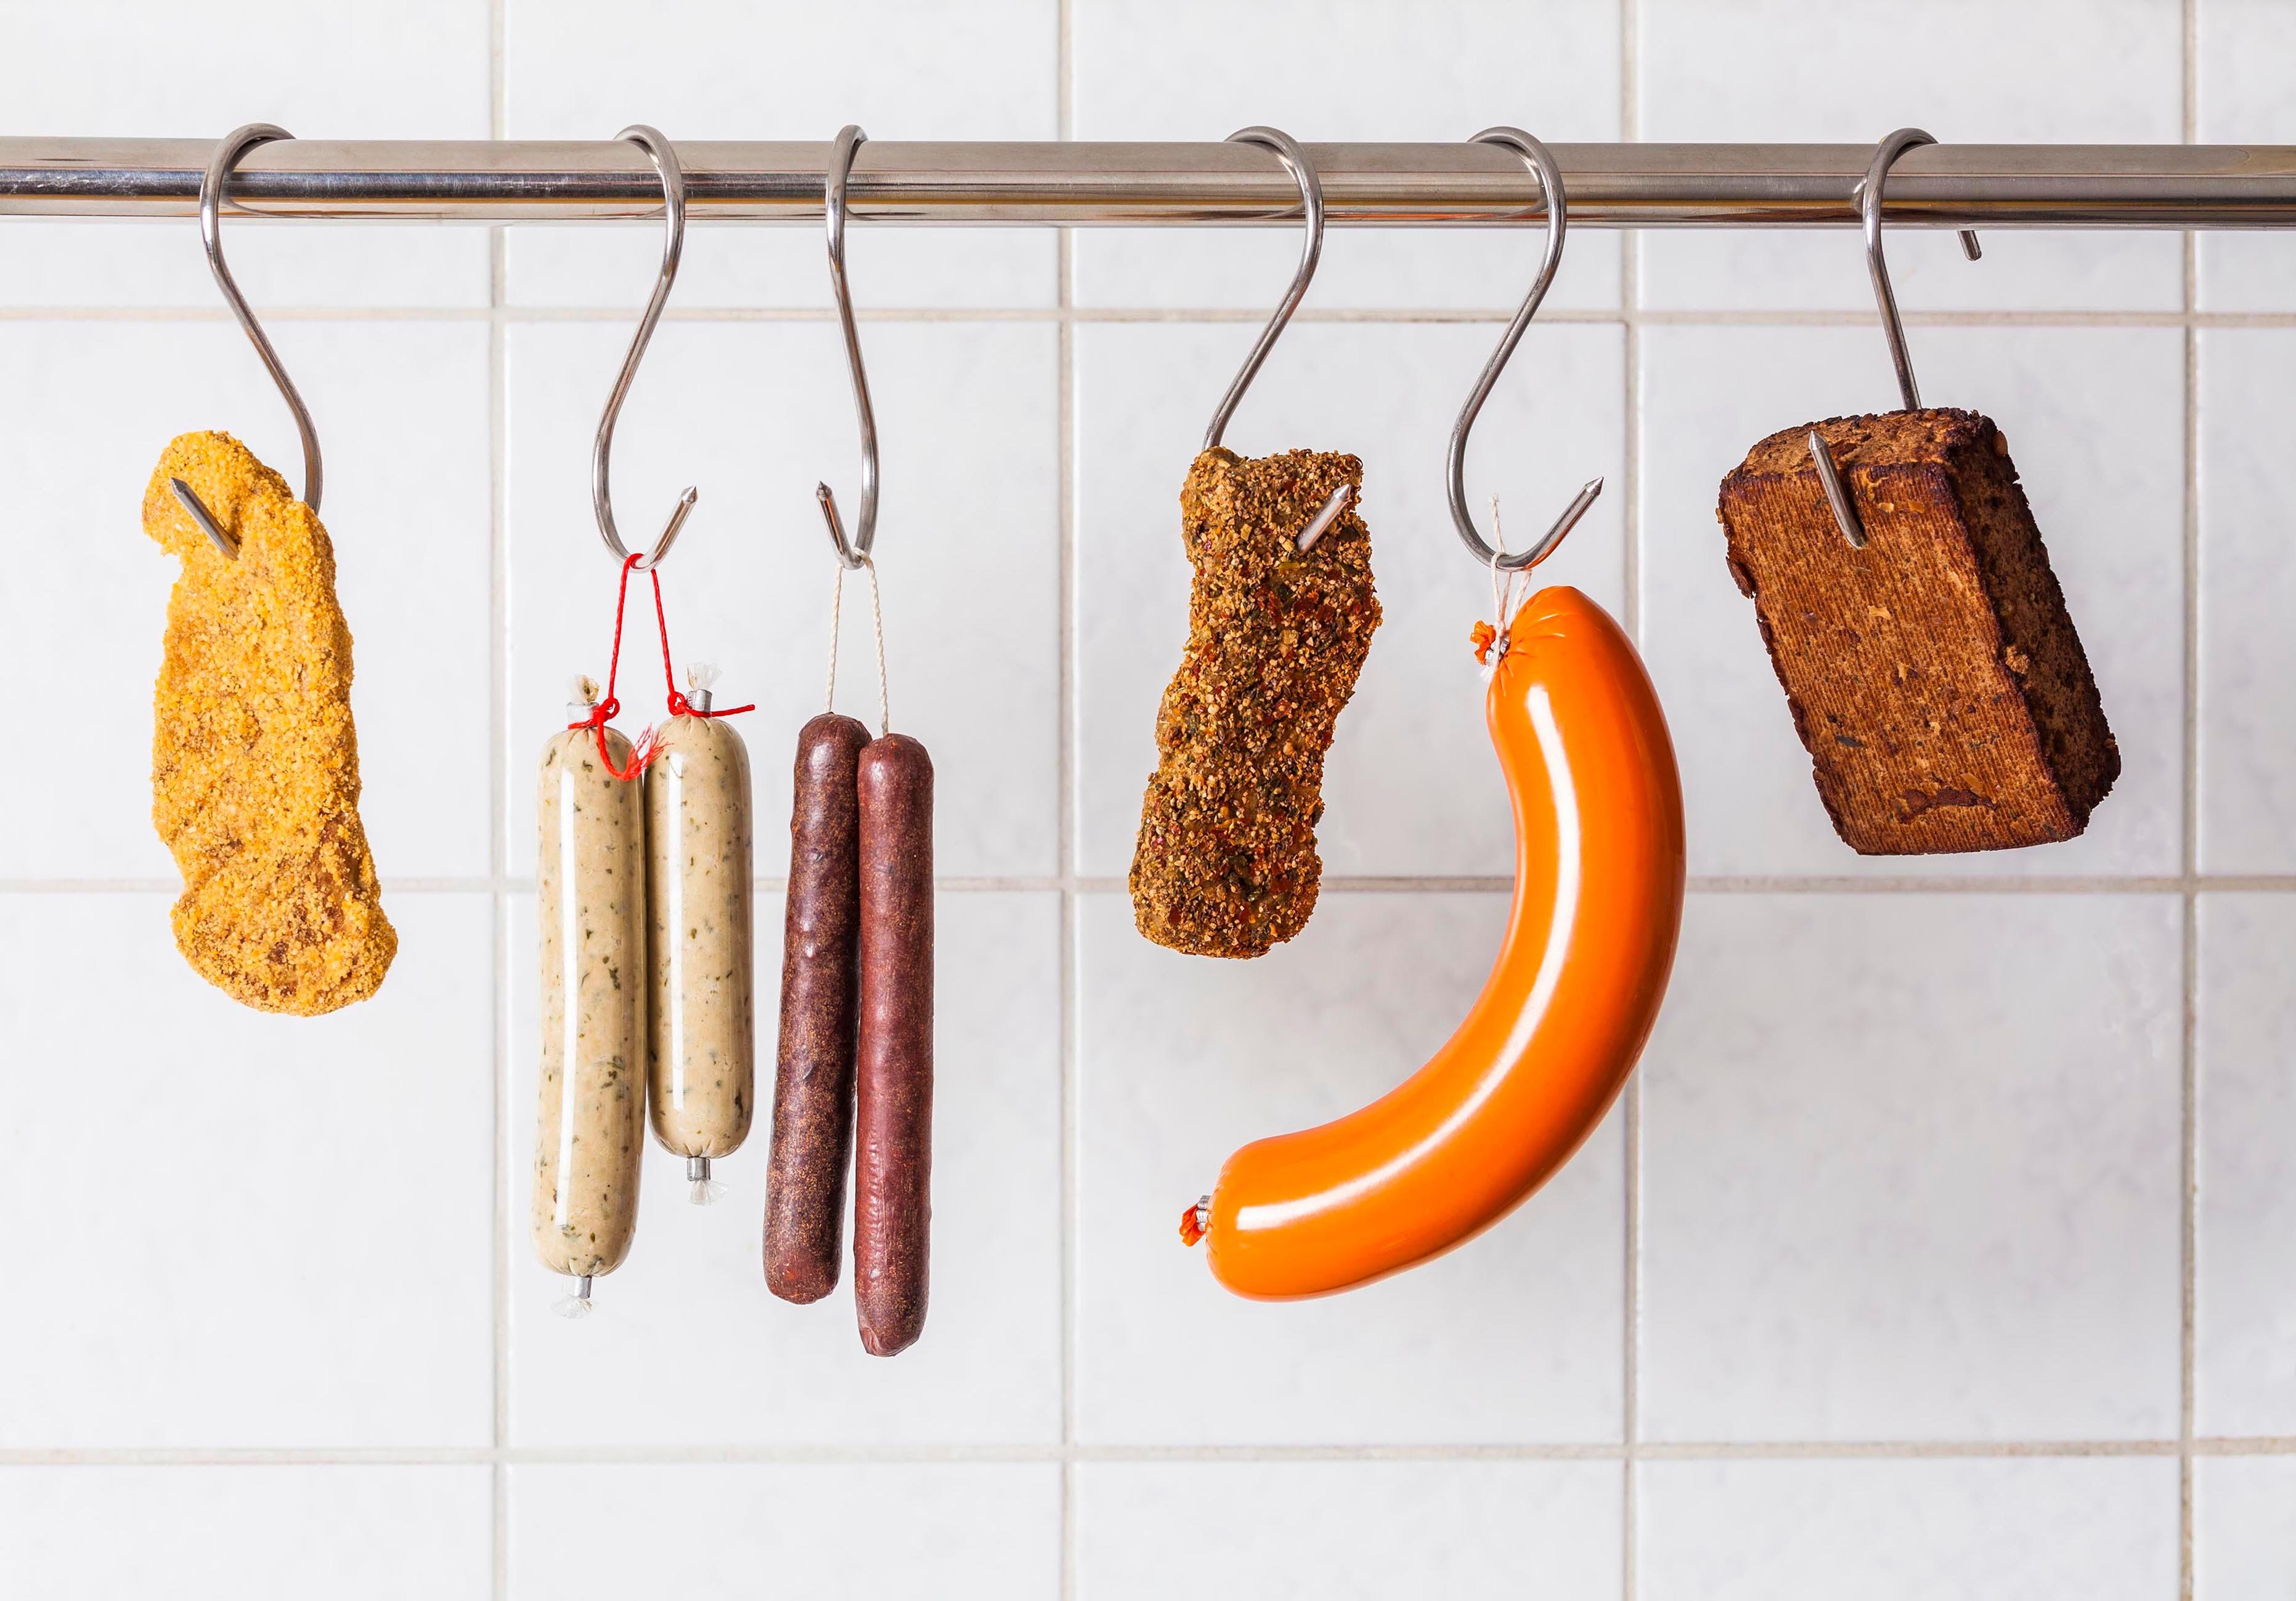 Vom veganen Schnitzel bis zur vegetarischen Salami: Das Geschäft mit Fleisch-Alternativen boomt - und sorgt für hitzige Debatten. (Bild: GettyImages)